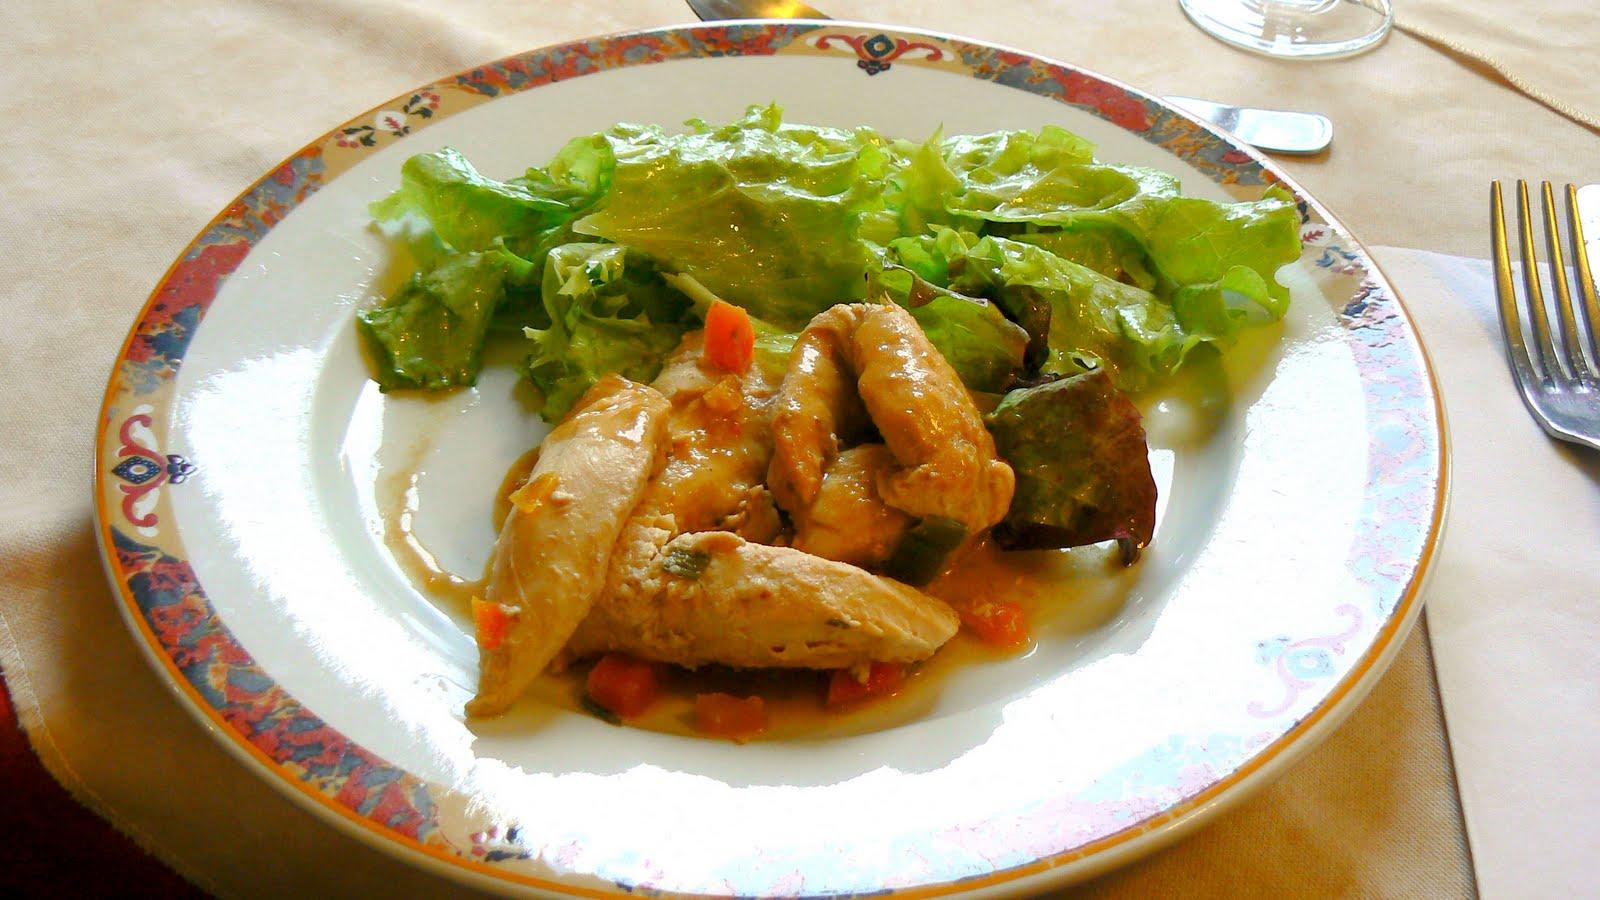 New Zealand School Food